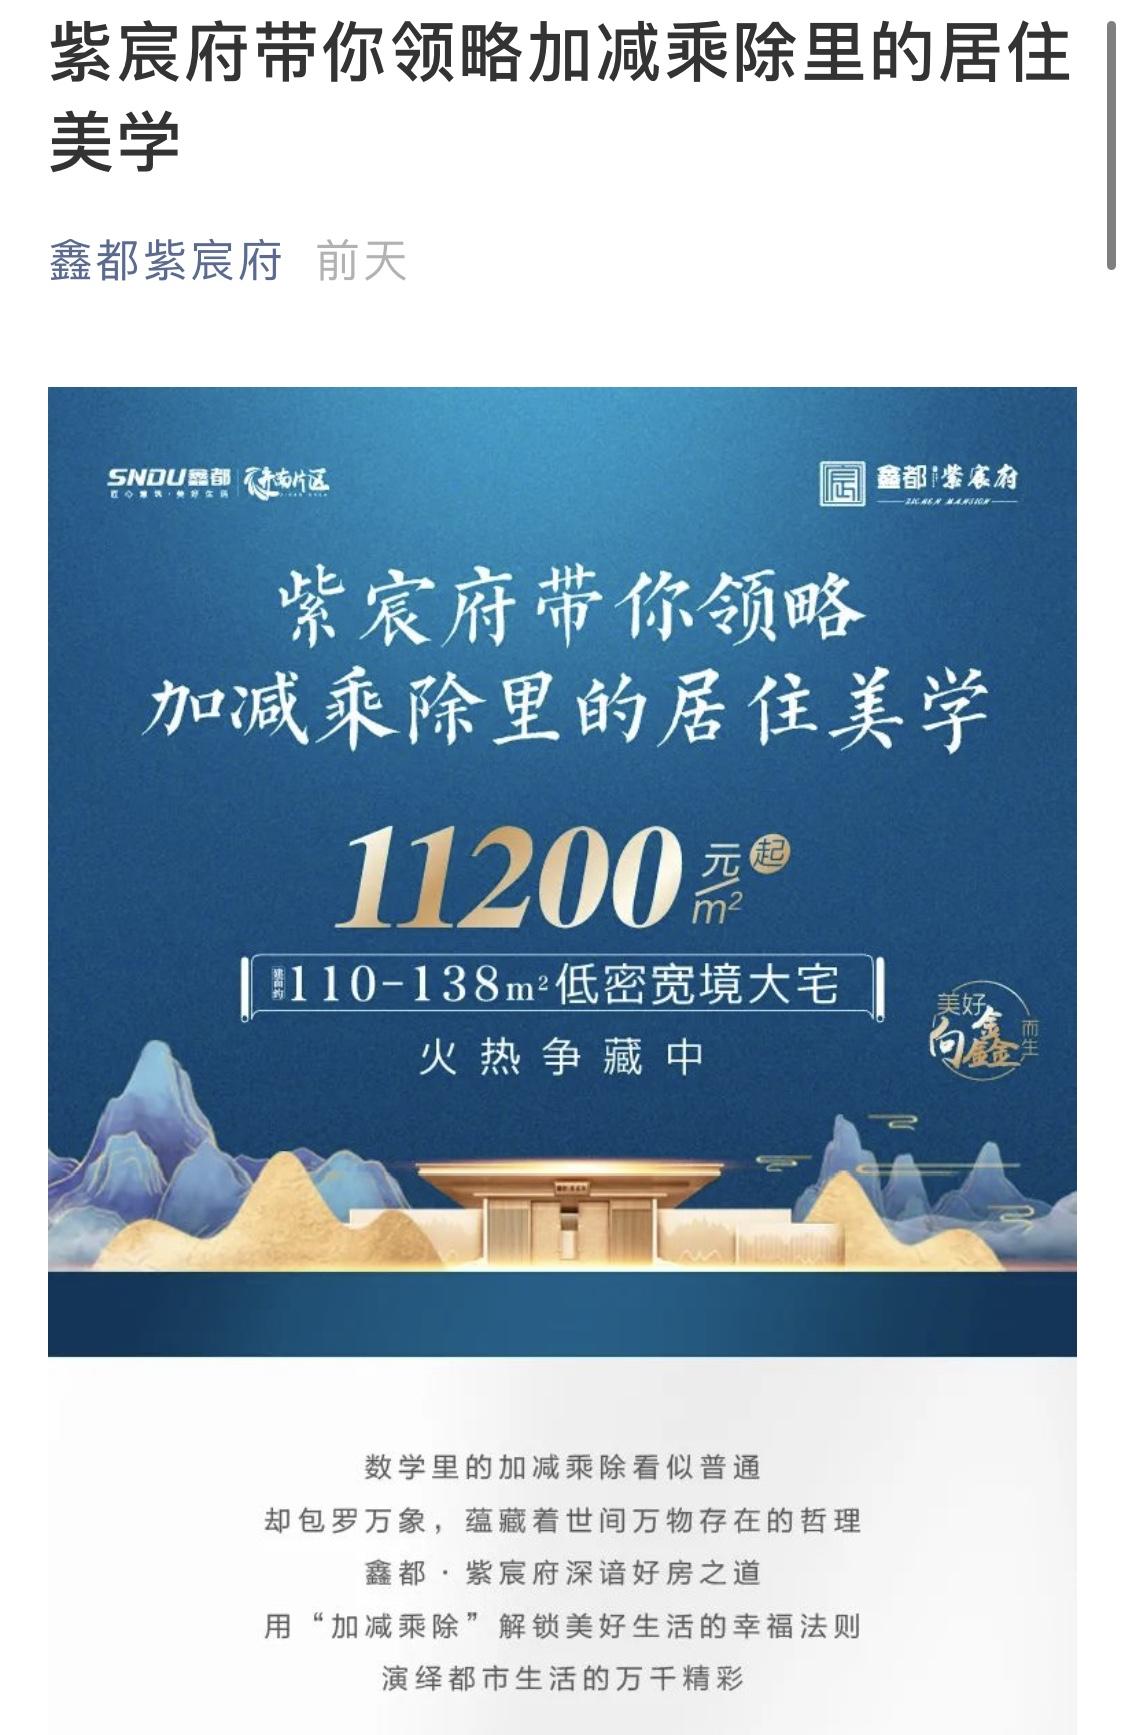 低于楼面成本价销售,济南鑫都紫宸府遇定价难题?